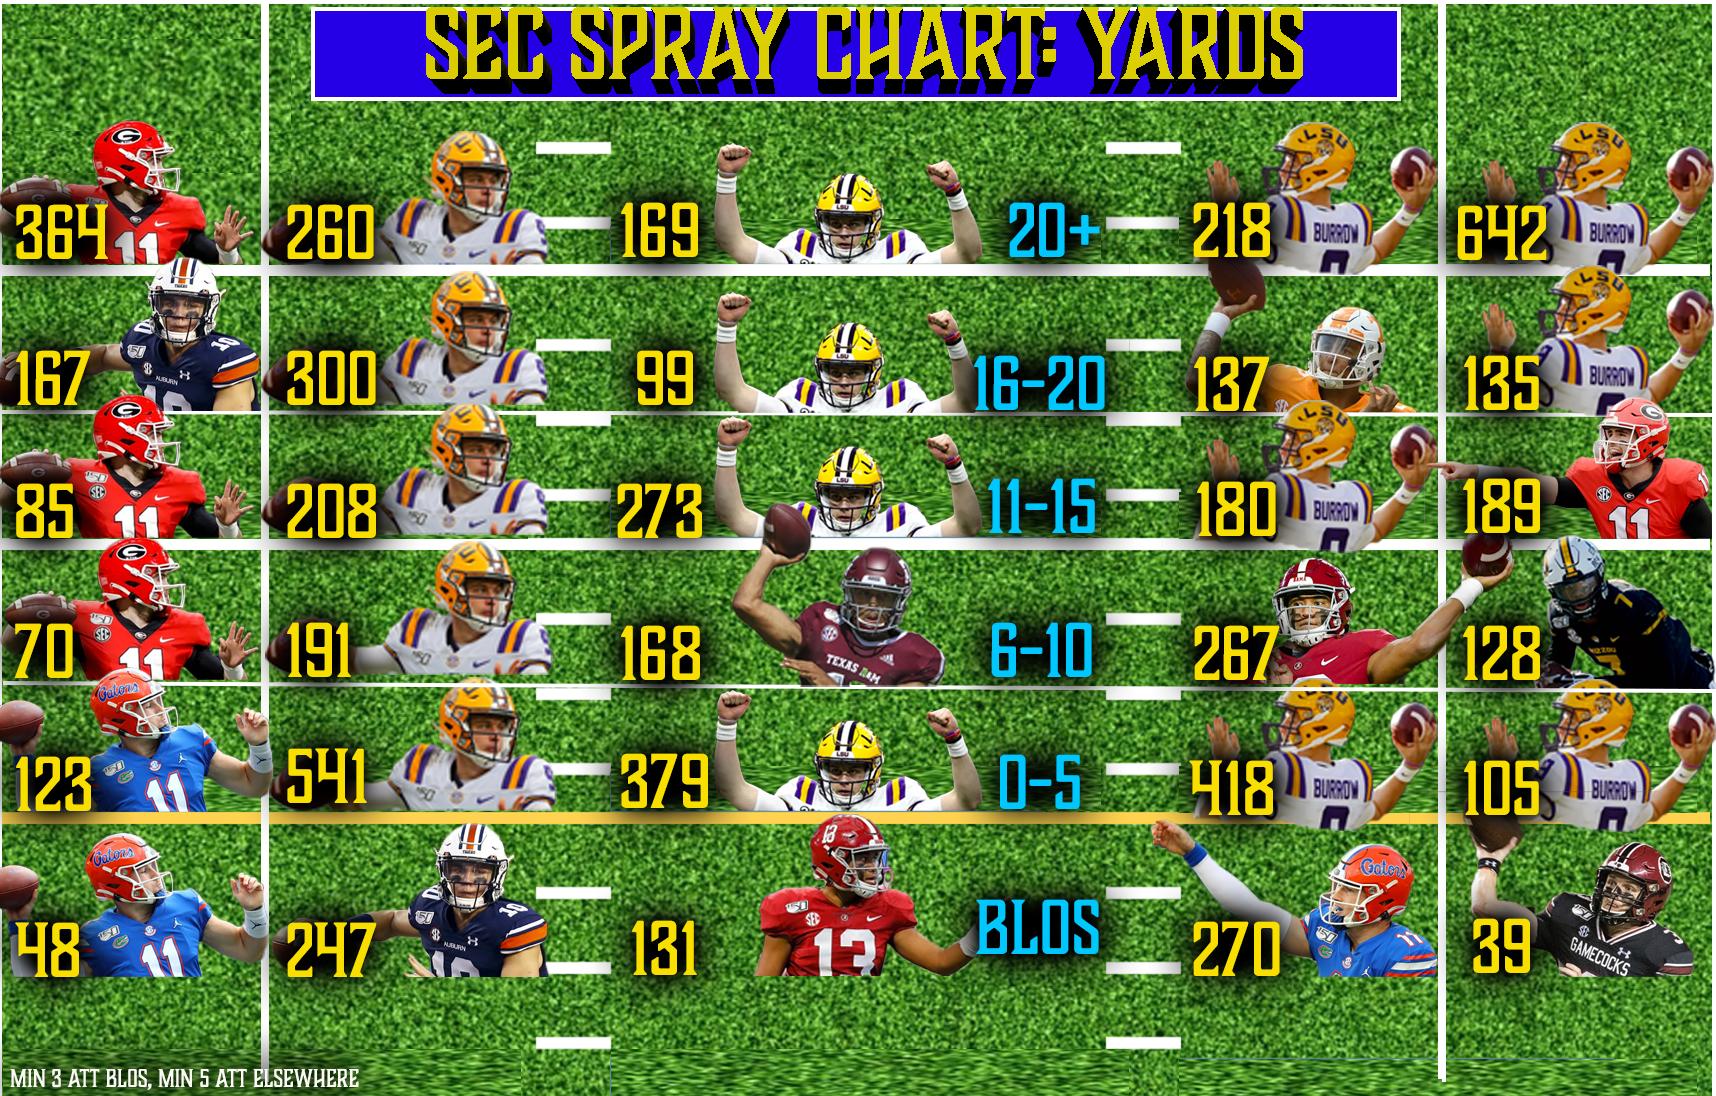 2019 Spray Chart: QB Yards